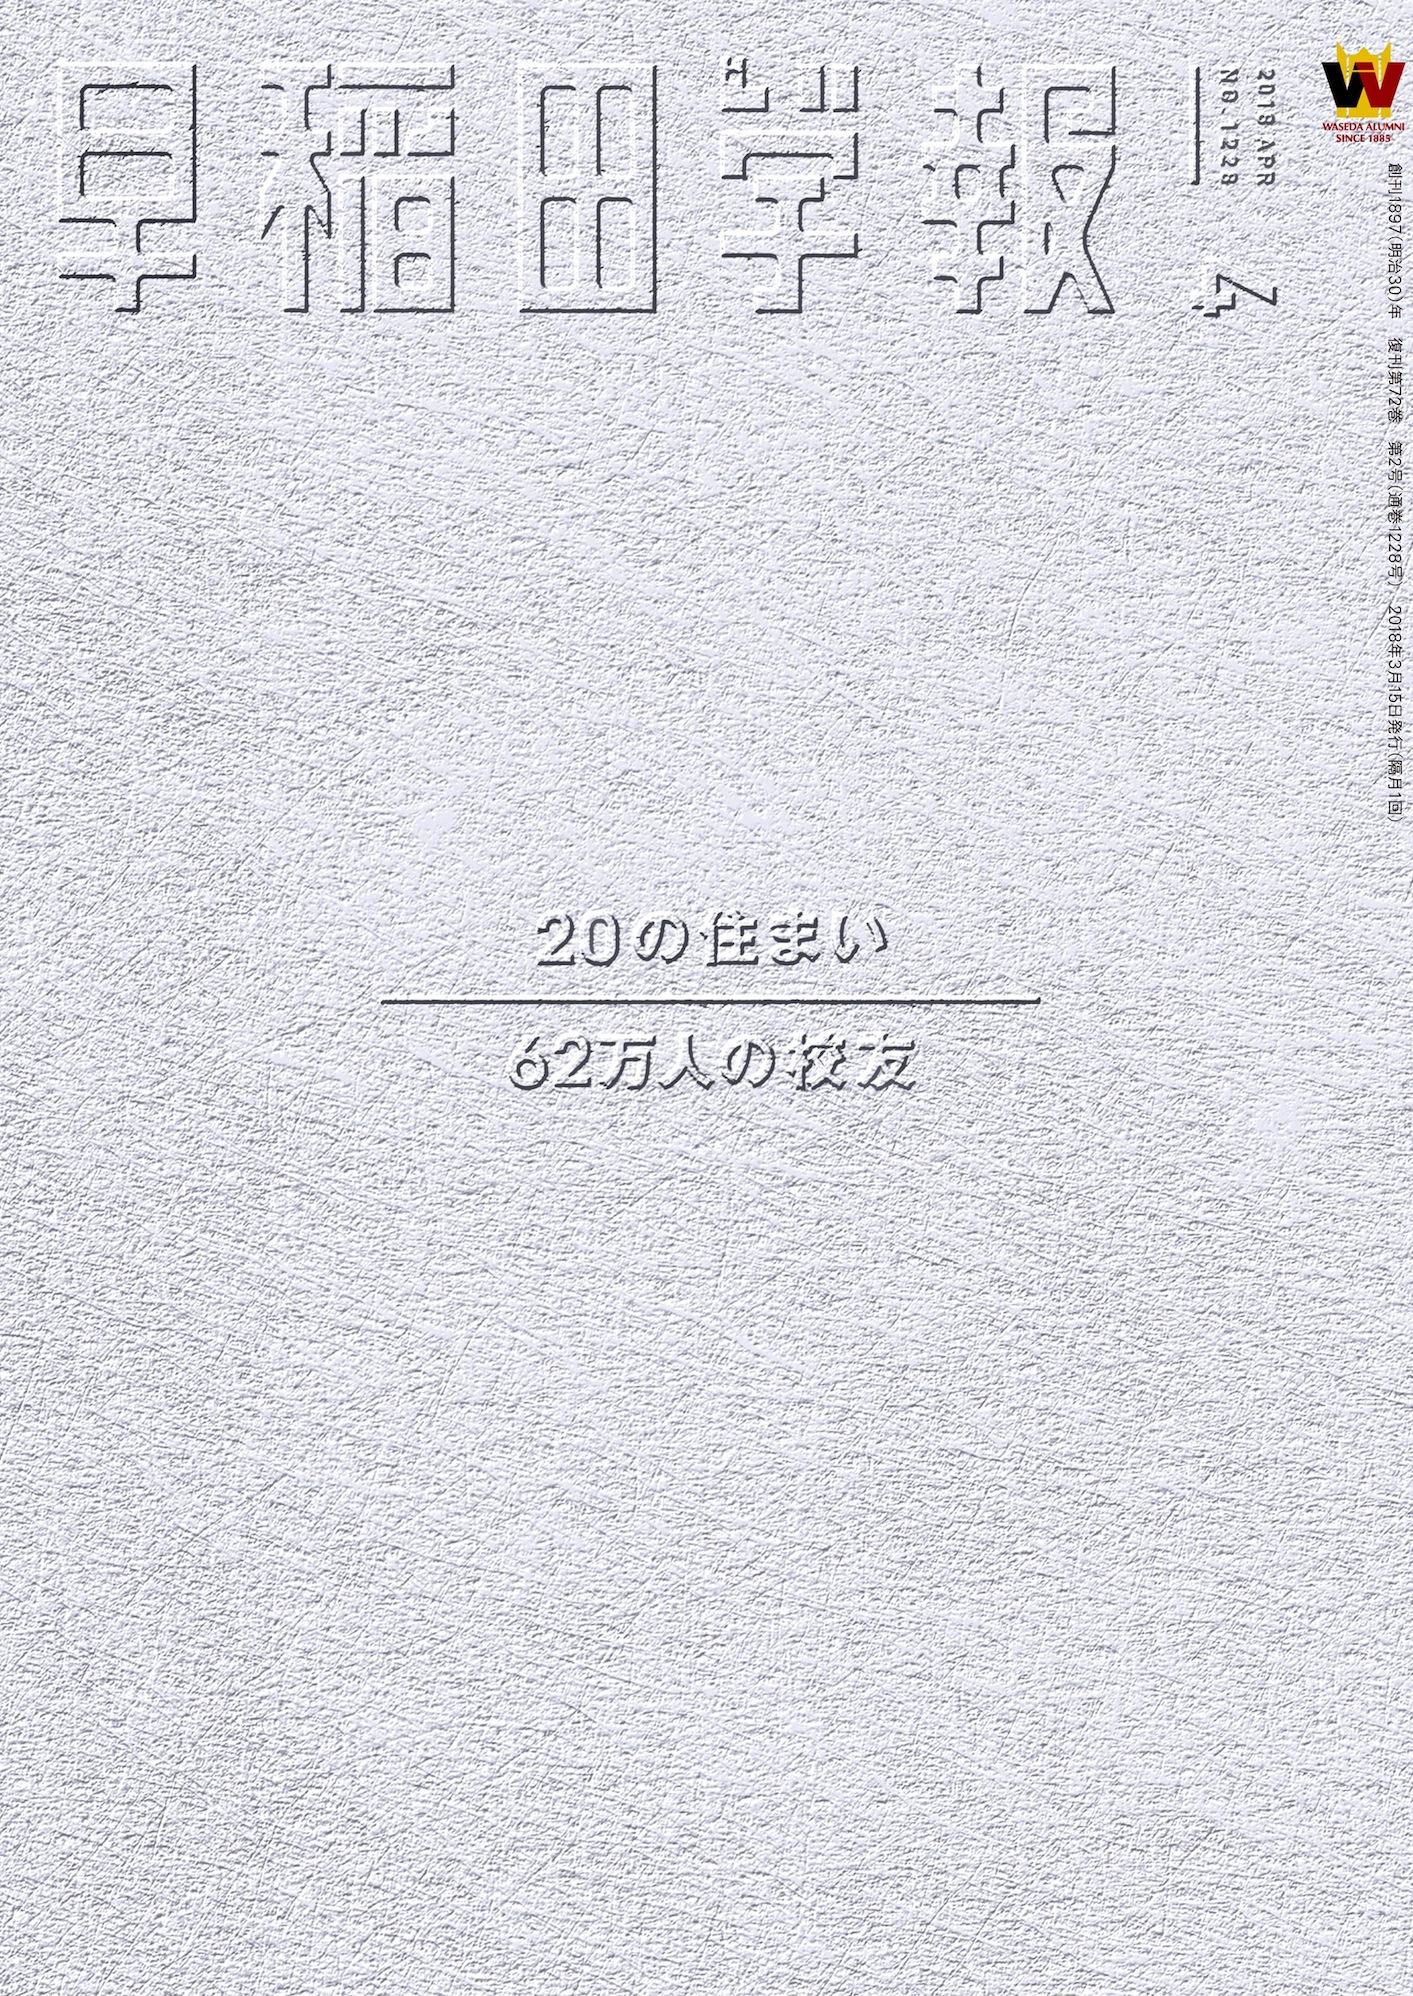 早稲田学報2018年4月号